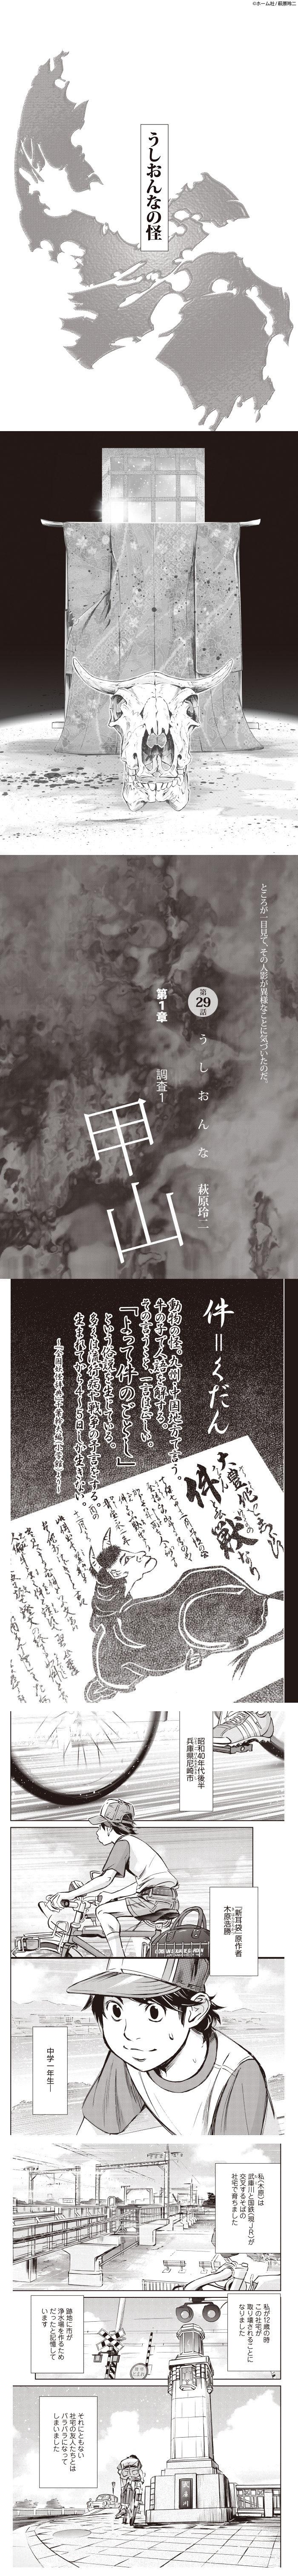 shinmimi5-1b